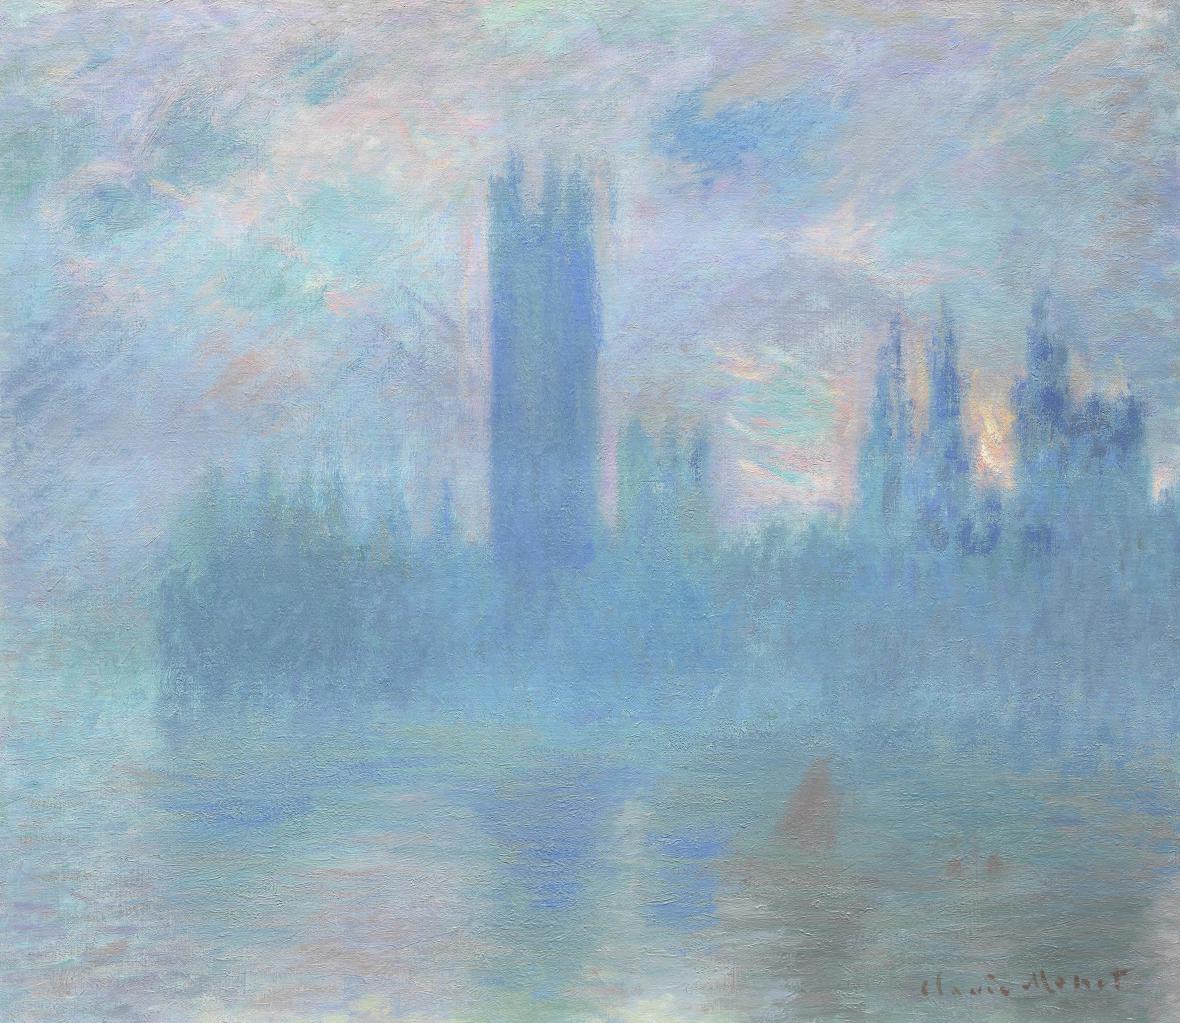 Claude Monet / Houses of Parliament, 1903